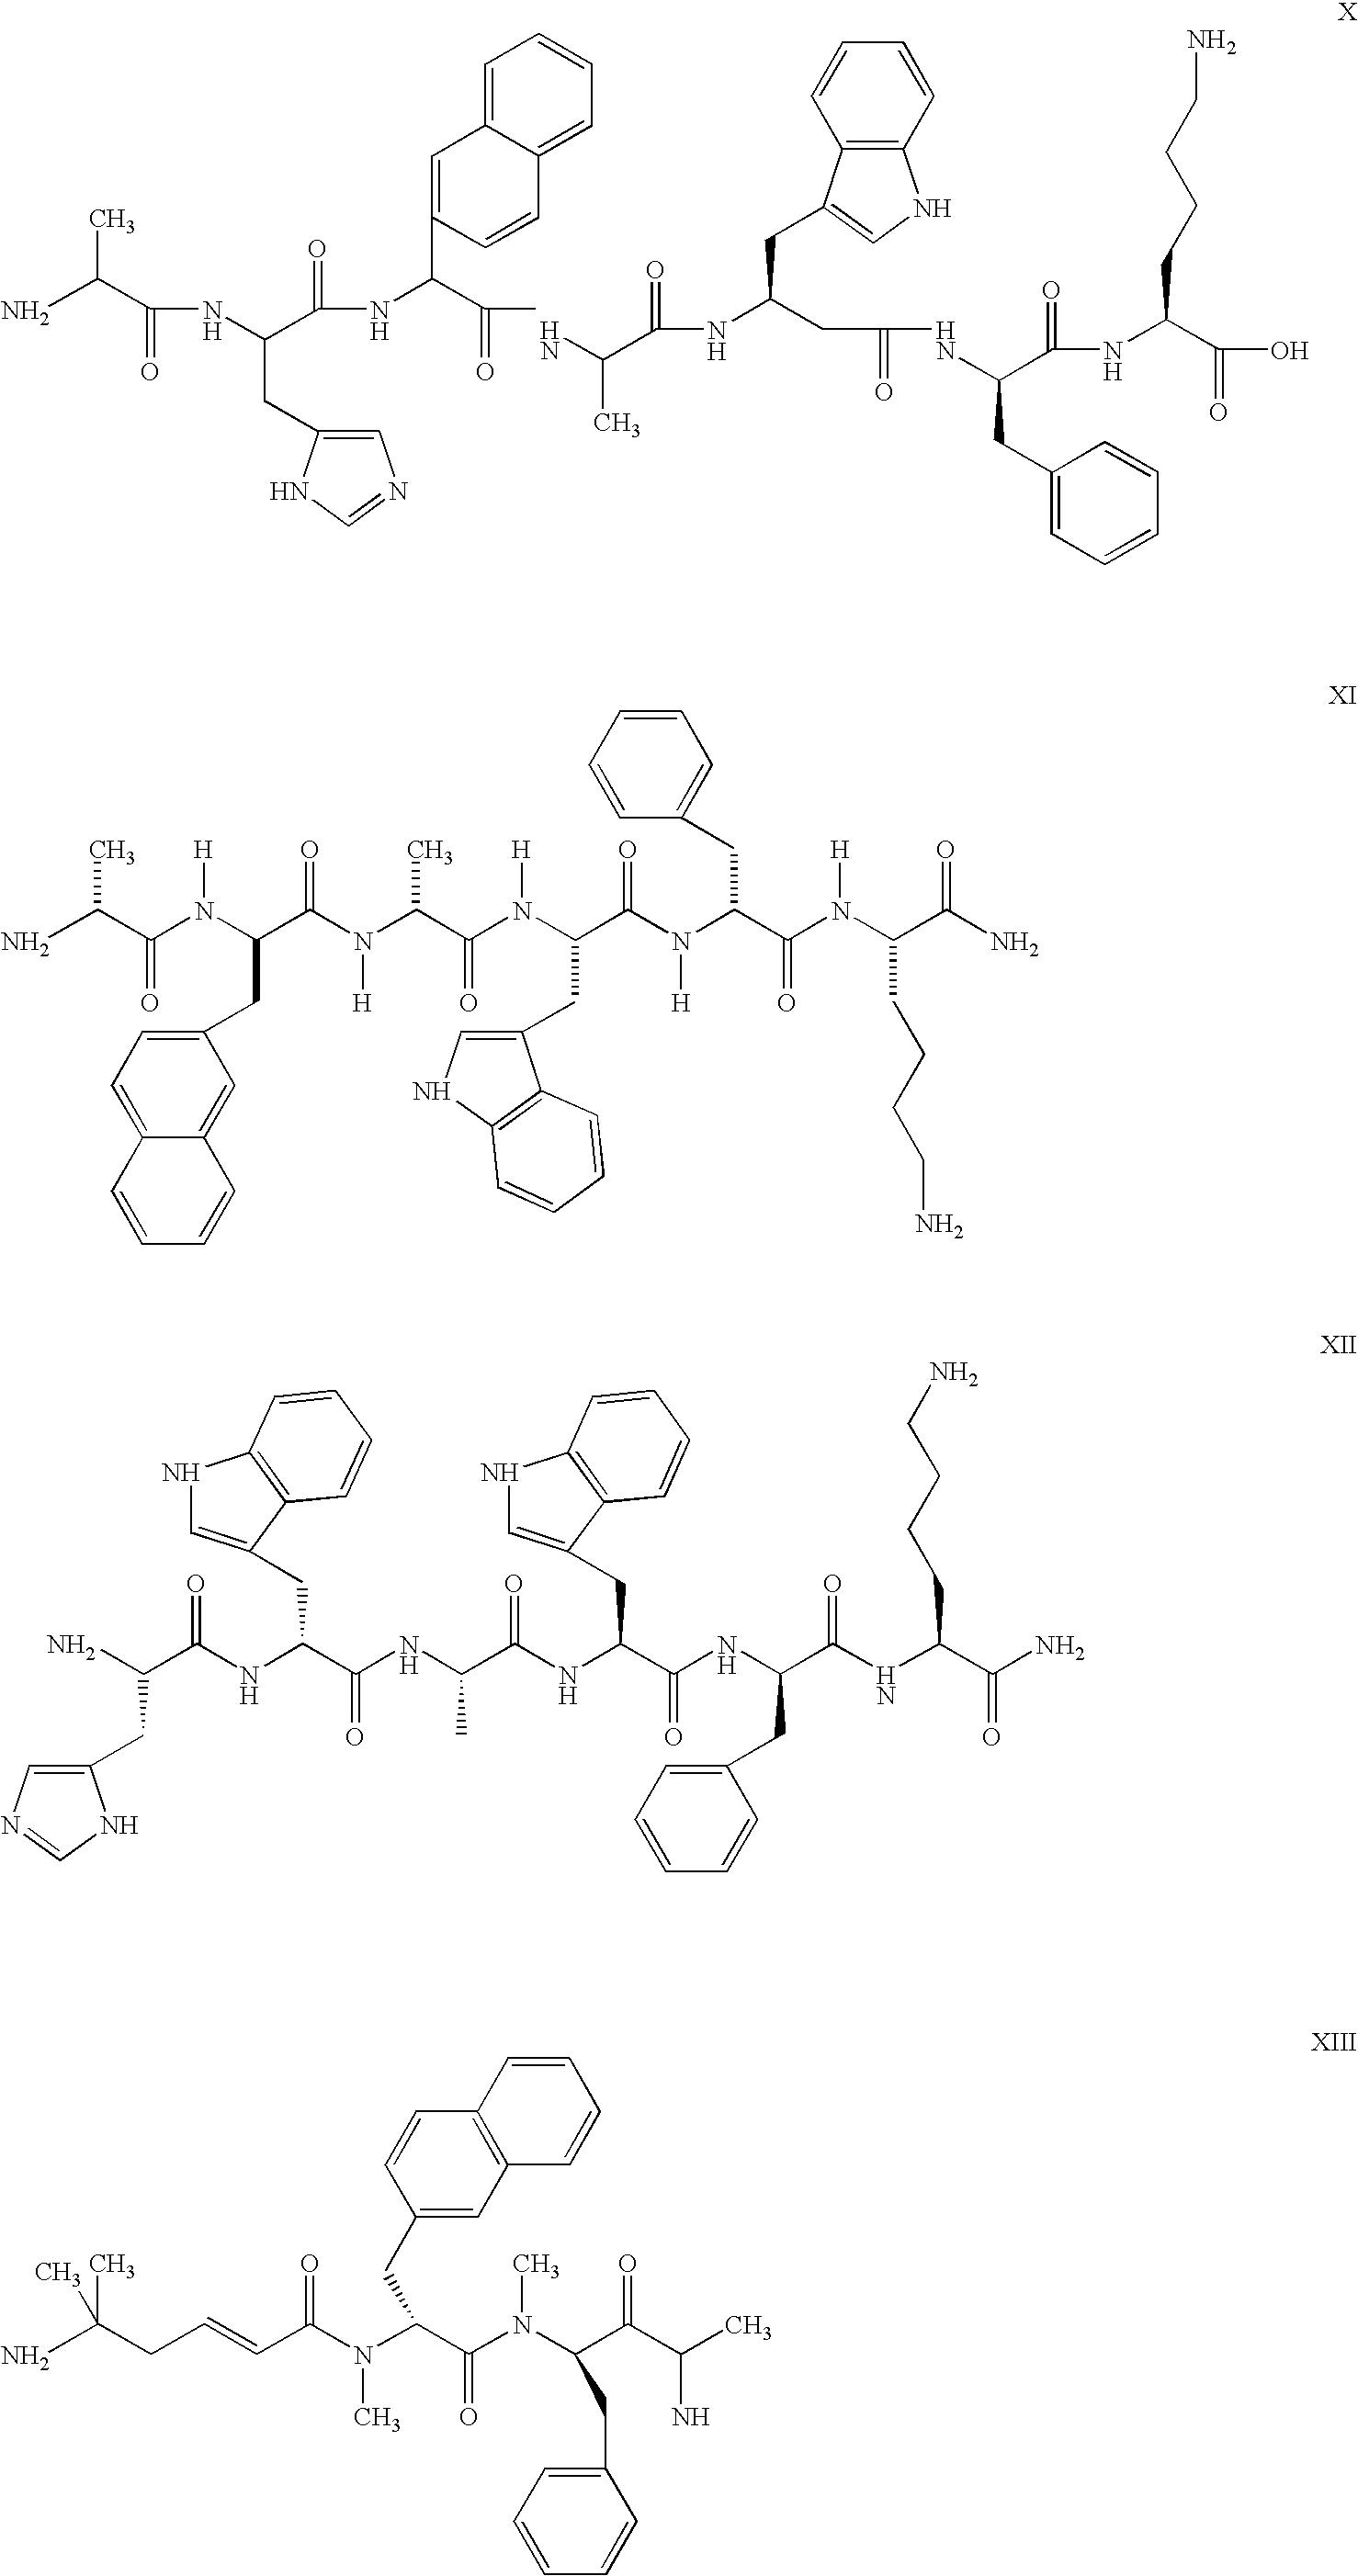 Figure US20050261201A1-20051124-C00092